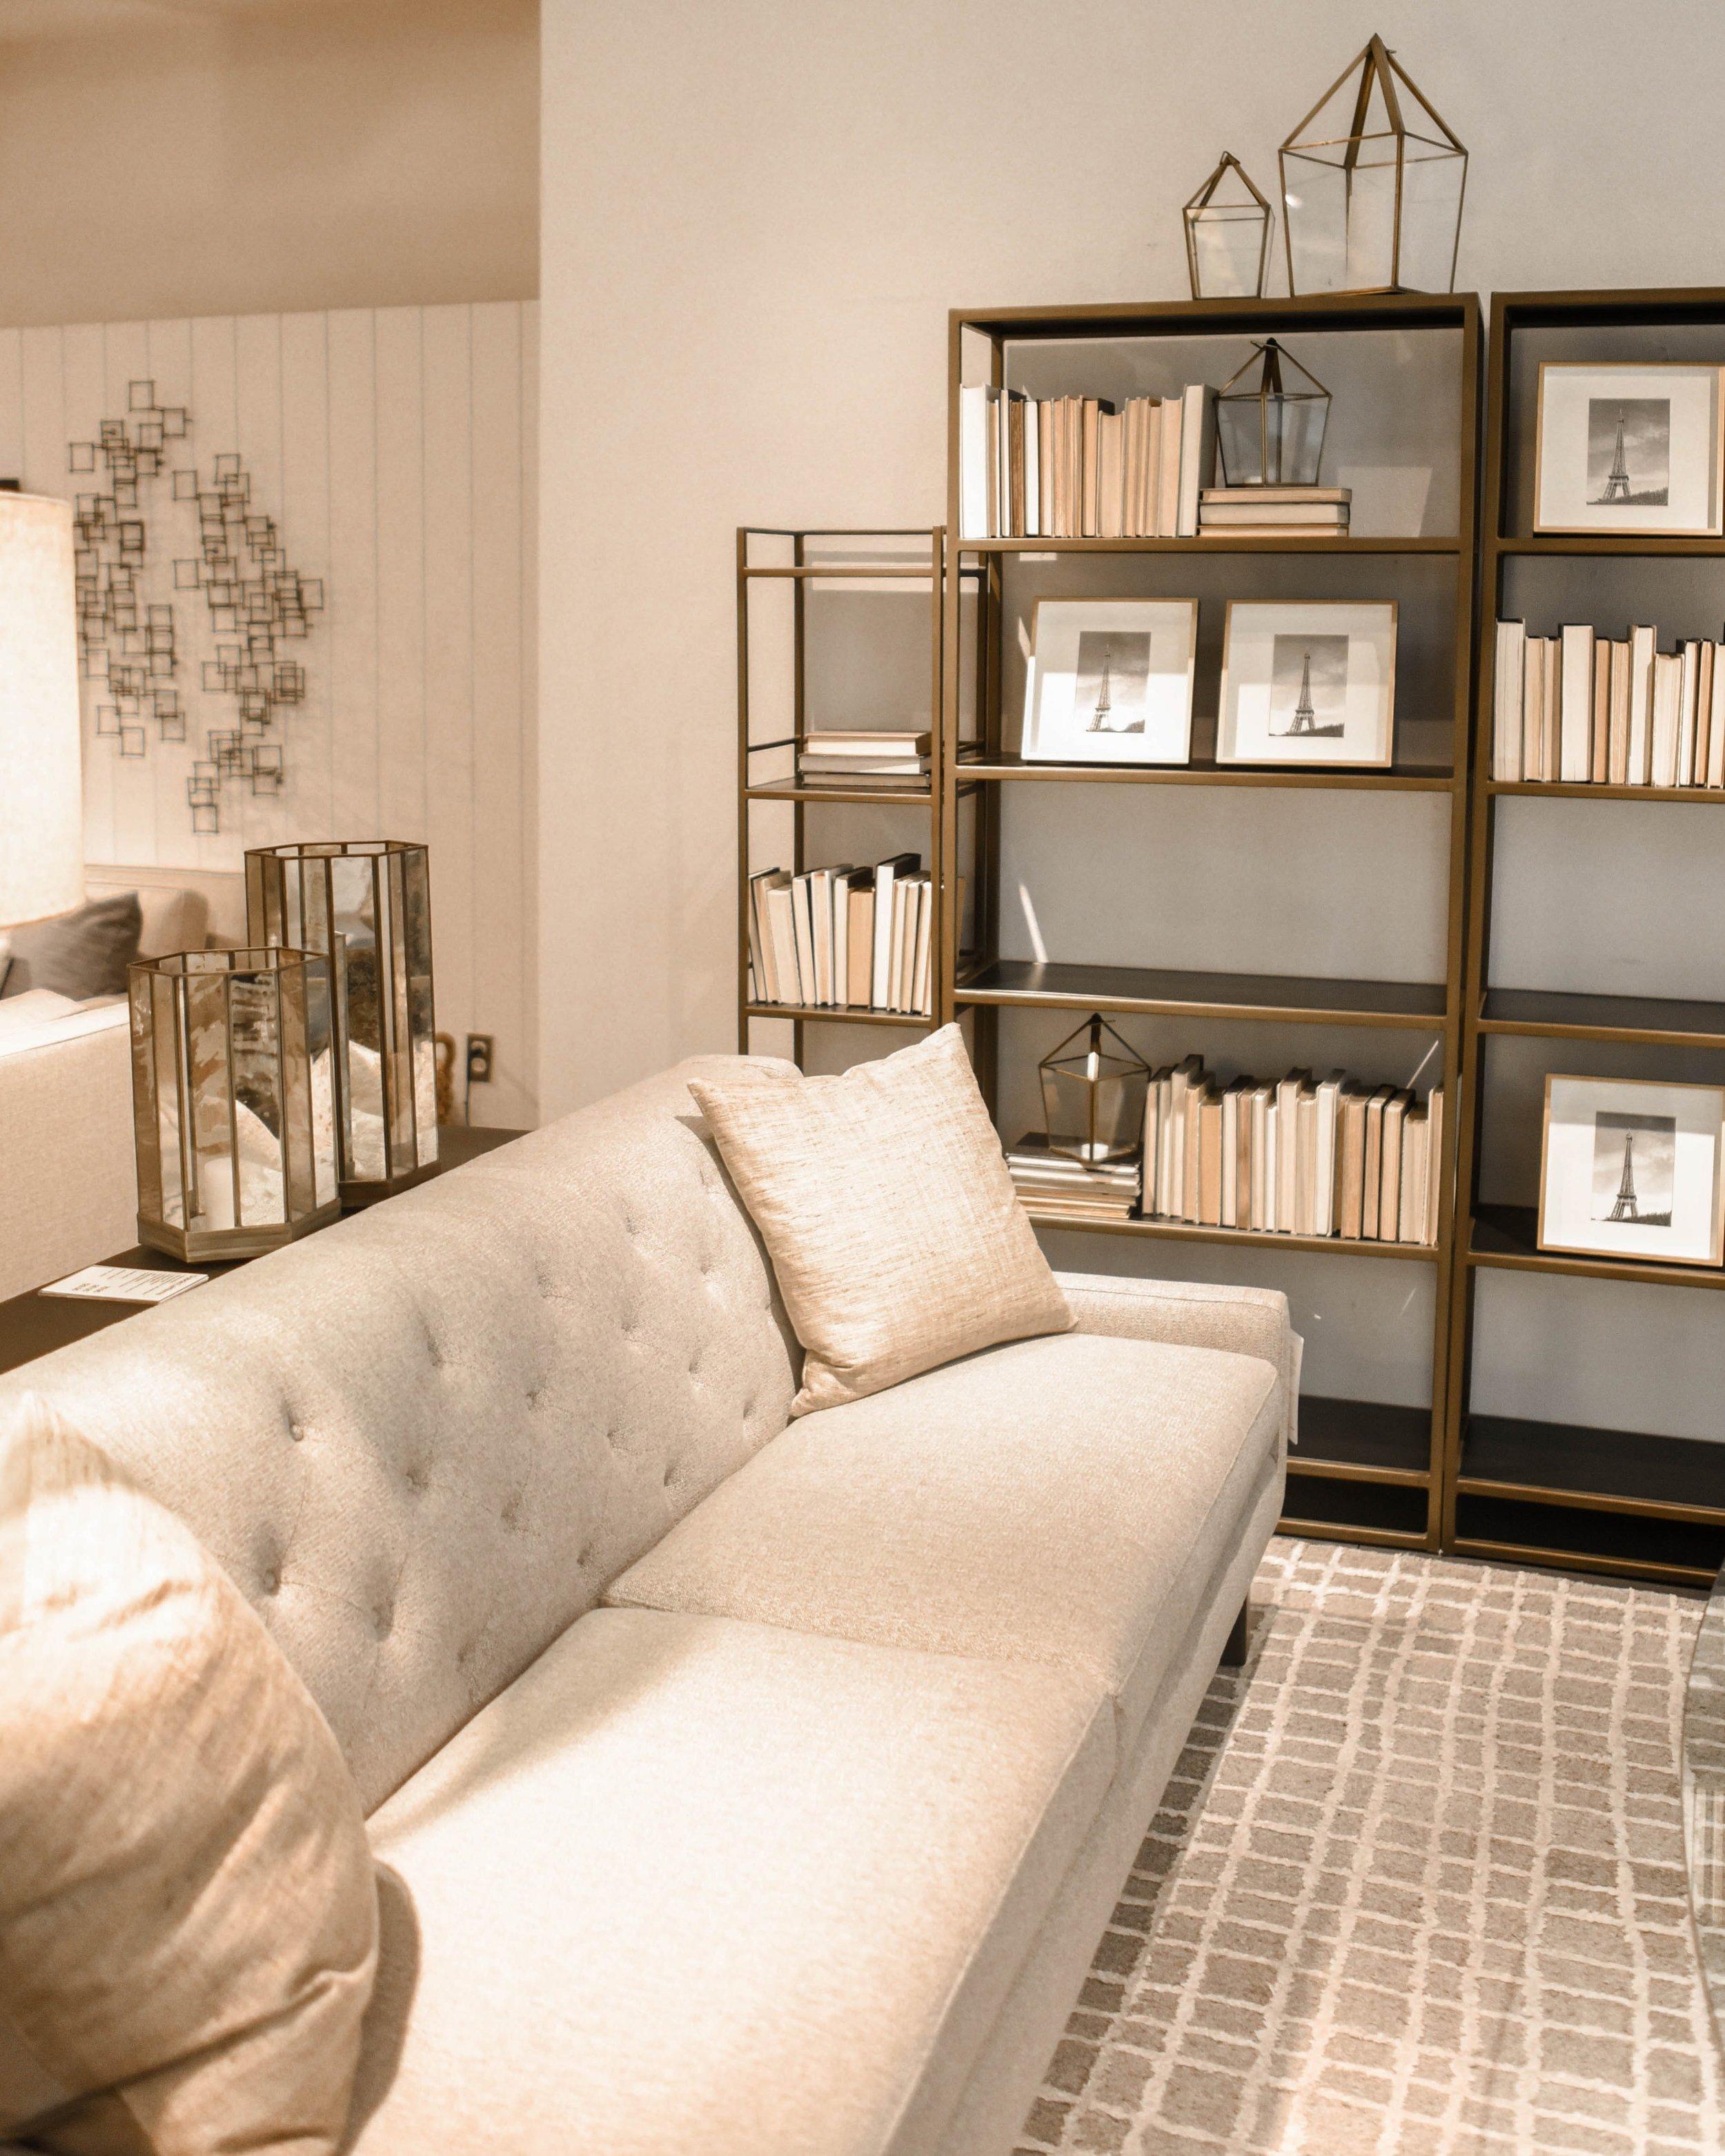 book-shelves-bookcase-books-1125135.jpg